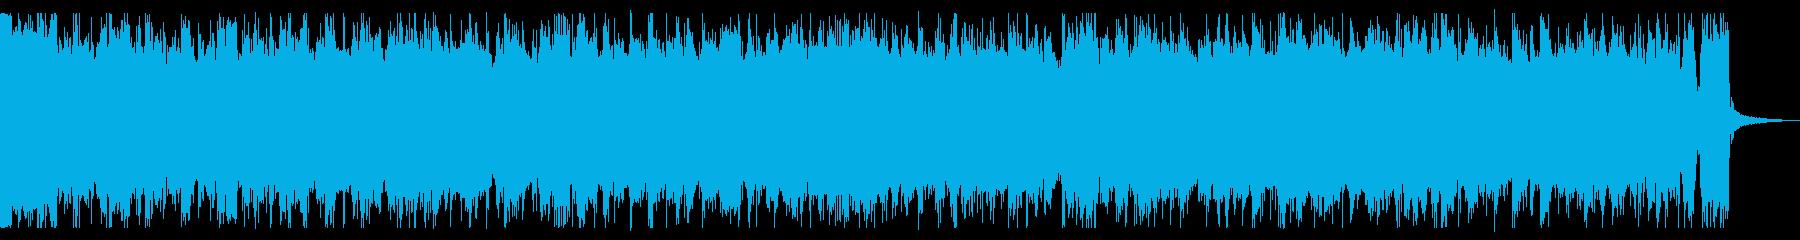 荒々しいギターロック_No643_3の再生済みの波形